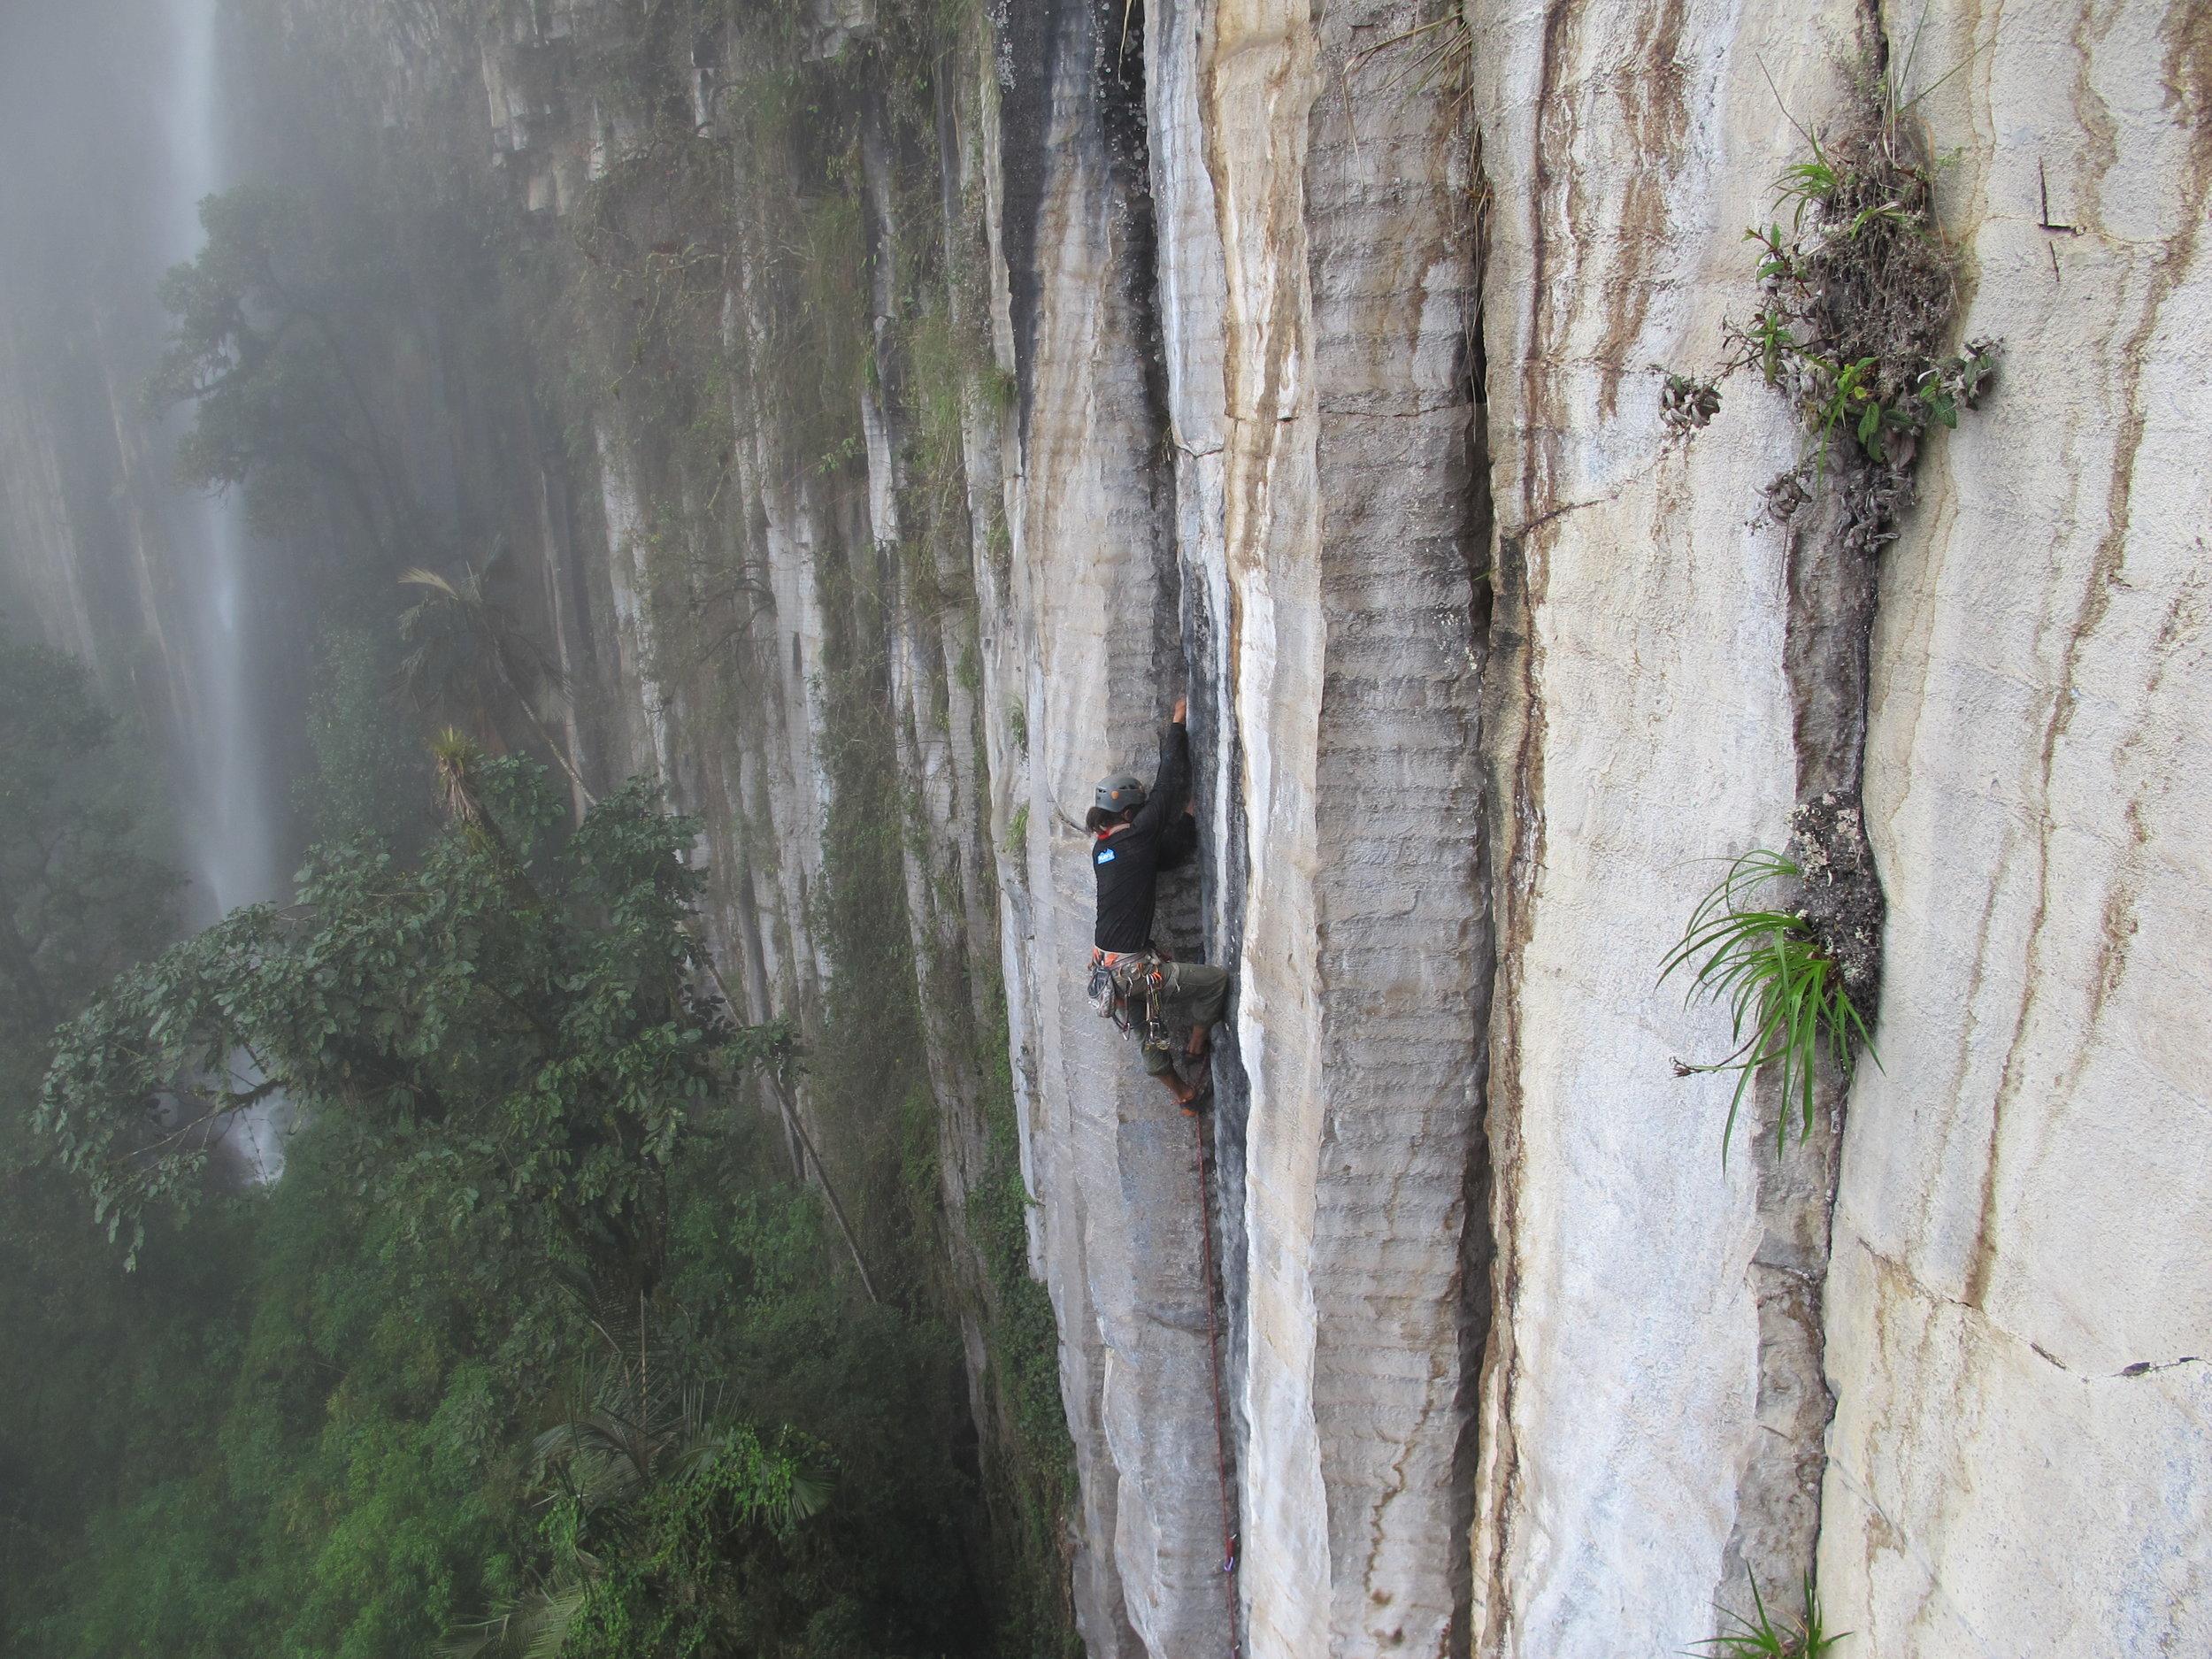 Rock Climbing Tangan